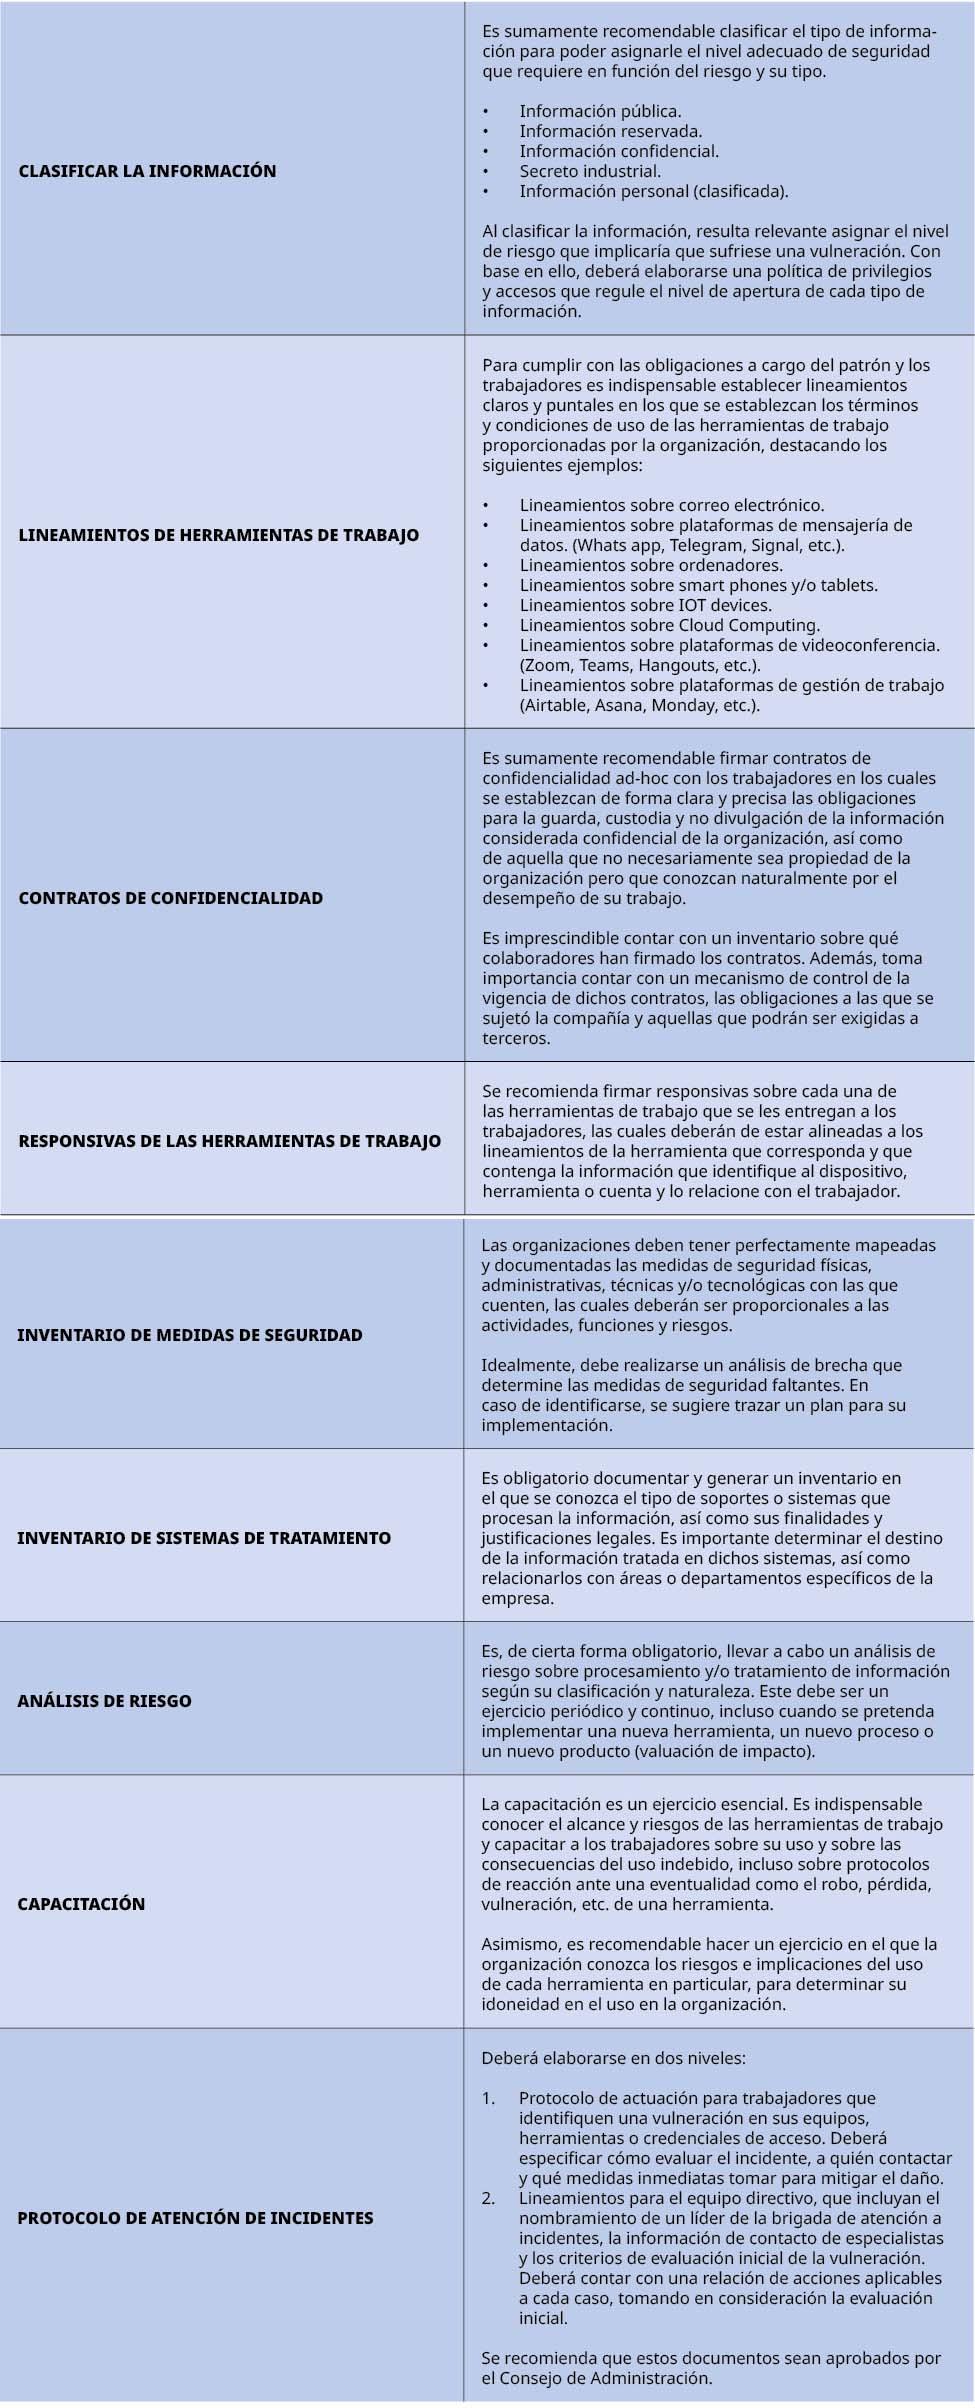 portalforojuridico-enlaopinionde-Reformas sobre Teletrabajo-tabla